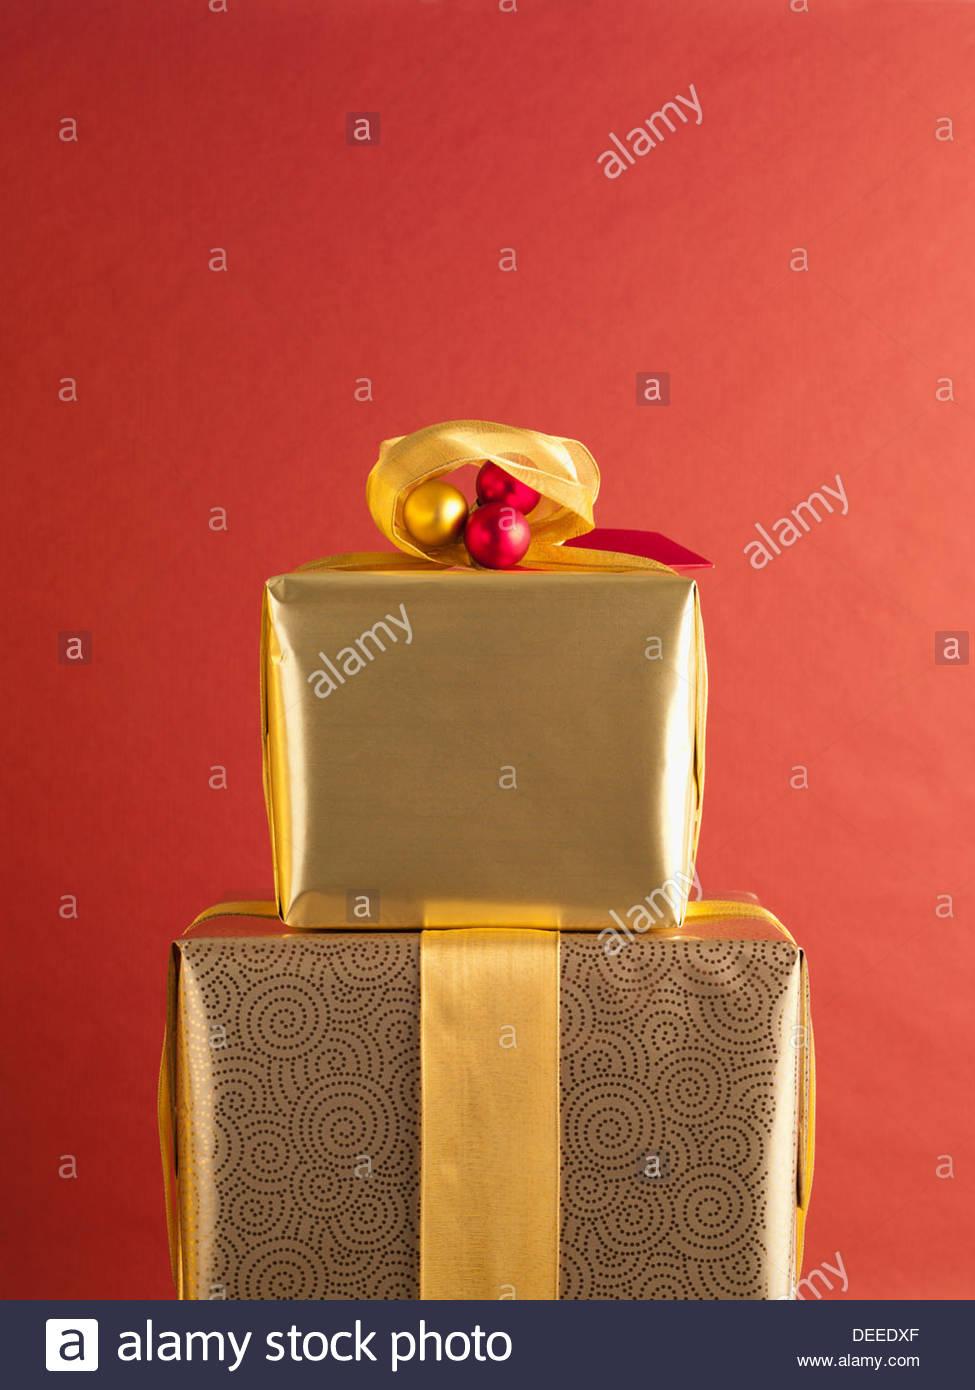 Regalos de Navidad con cinta de oro Imagen De Stock